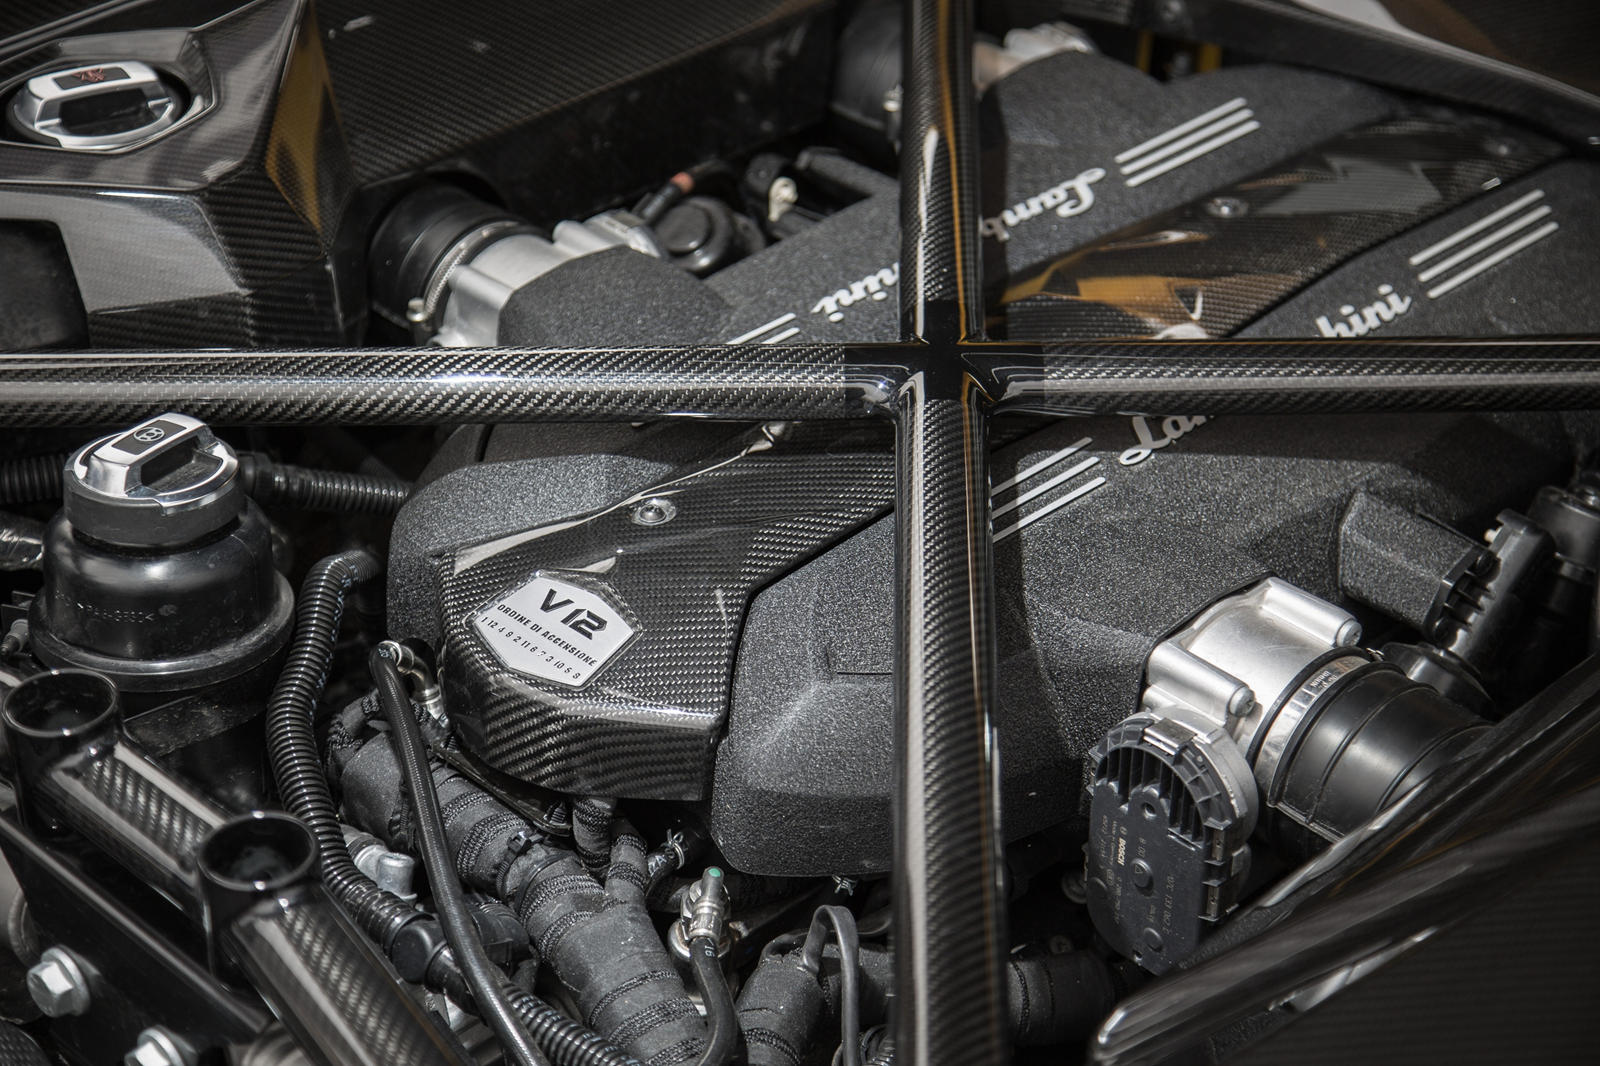 Car and Driver недавно поговорили с главным техническим директором Lamborghini Маурицио Реджиани, который еще раз подтвердил, что итальянский бренд придерживается атмосферного V12. «V12 был частью истории Lamborghini с самого начала», - сказал он. «О